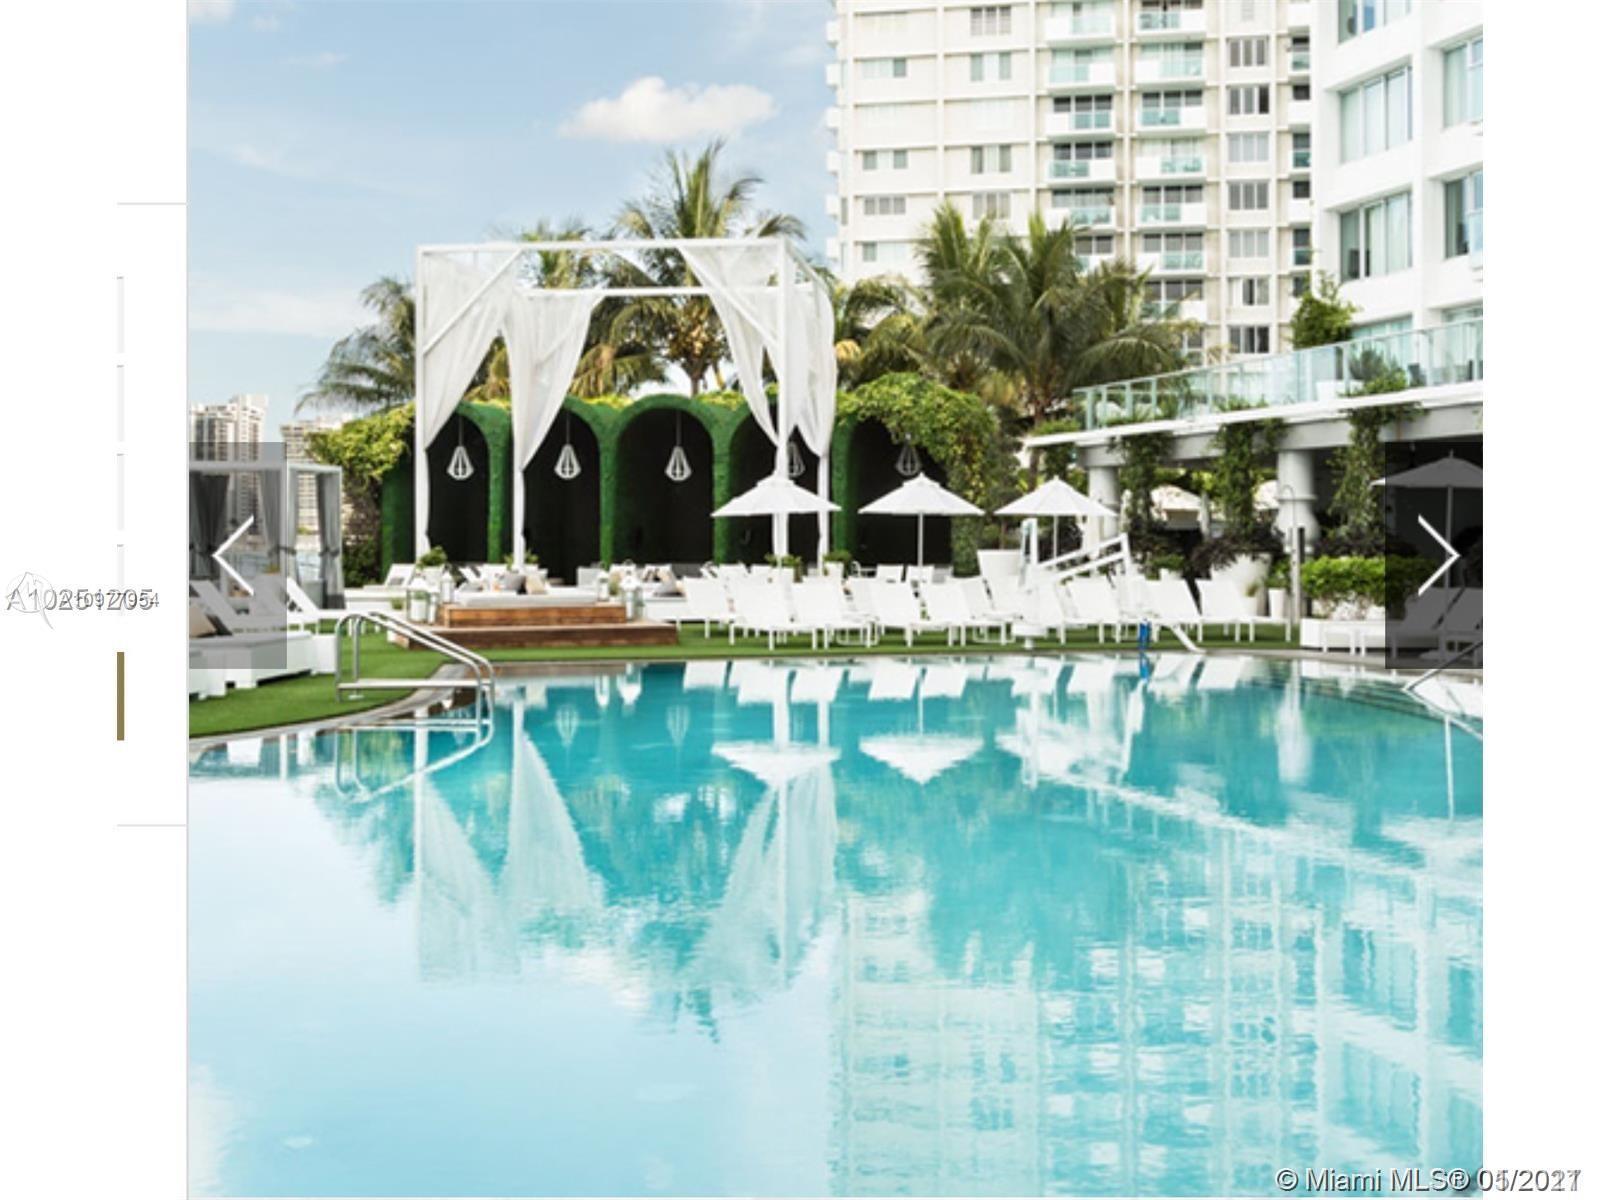 Mondrian South Beach #517 - 1100 West Ave #517, Miami Beach, FL 33139